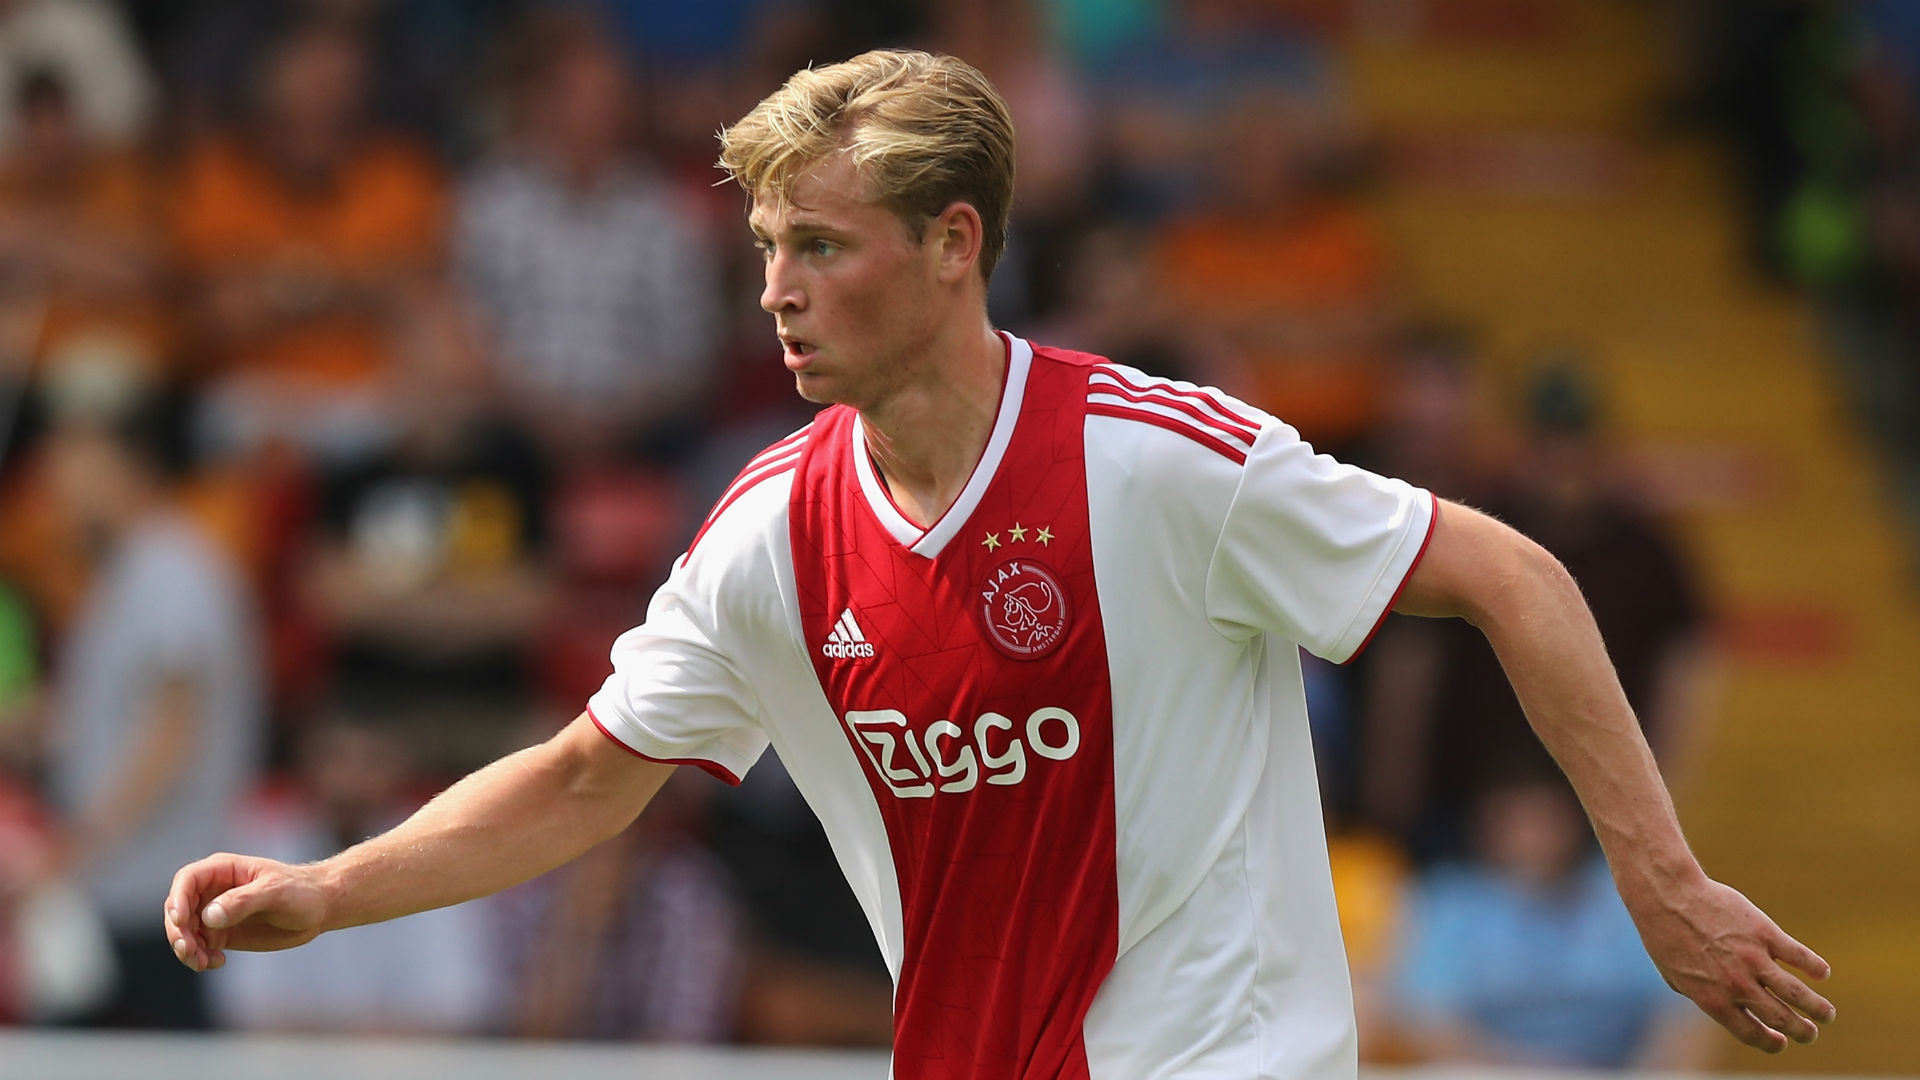 De Jong focused on Ajax despite PSG rumours - Ten Hag